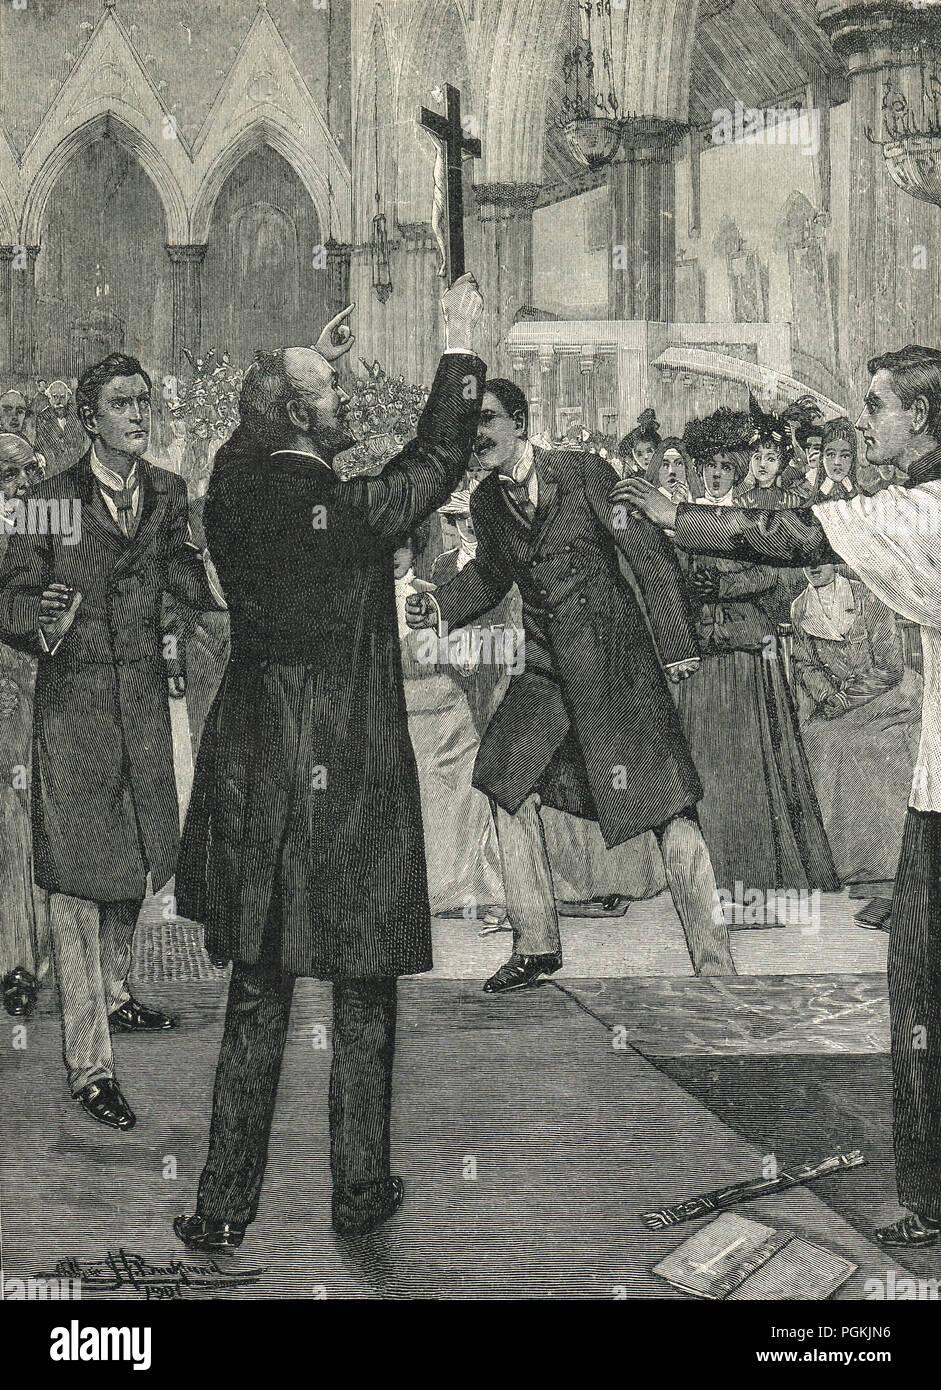 John Kensit protestando contra el ritualismo, vocalmente interrumpir el procedimiento en una iglesia de West End Imagen De Stock